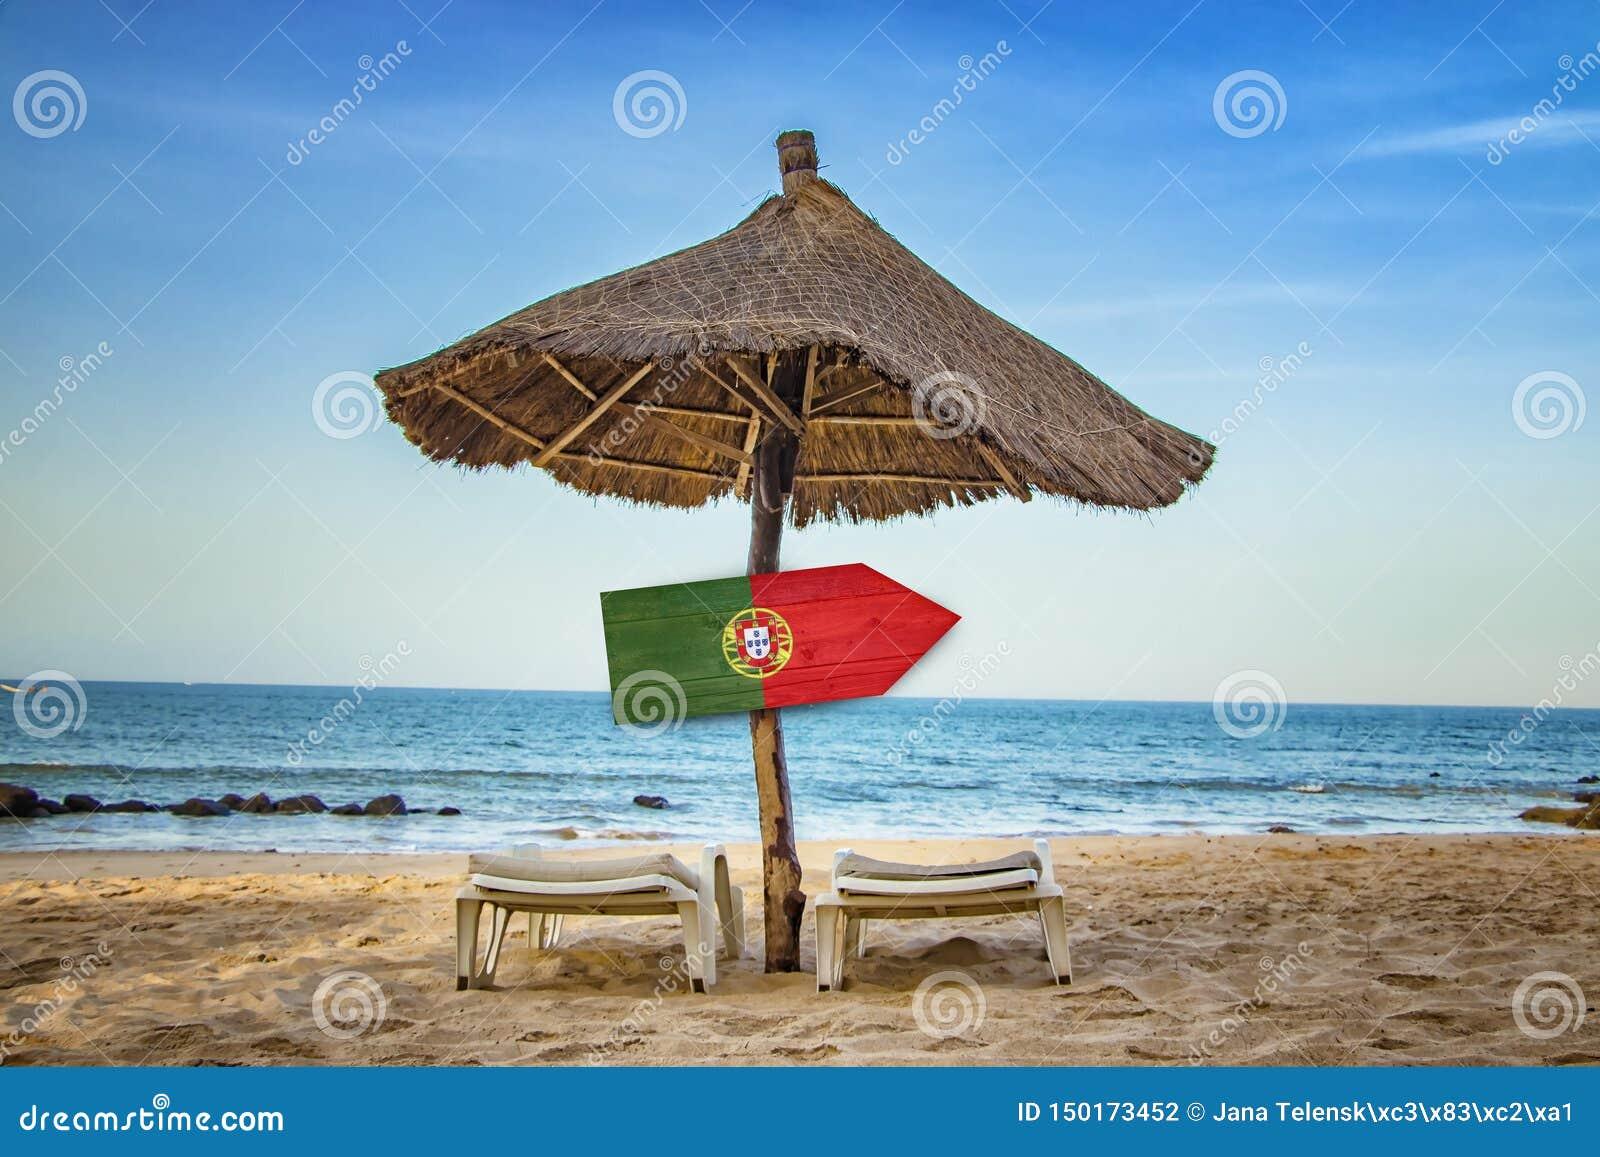 Bandeira portuguesa no sinal de madeira da seta Há dois vadios do sol e um guarda-chuva de sol na praia É um paraíso tropical com